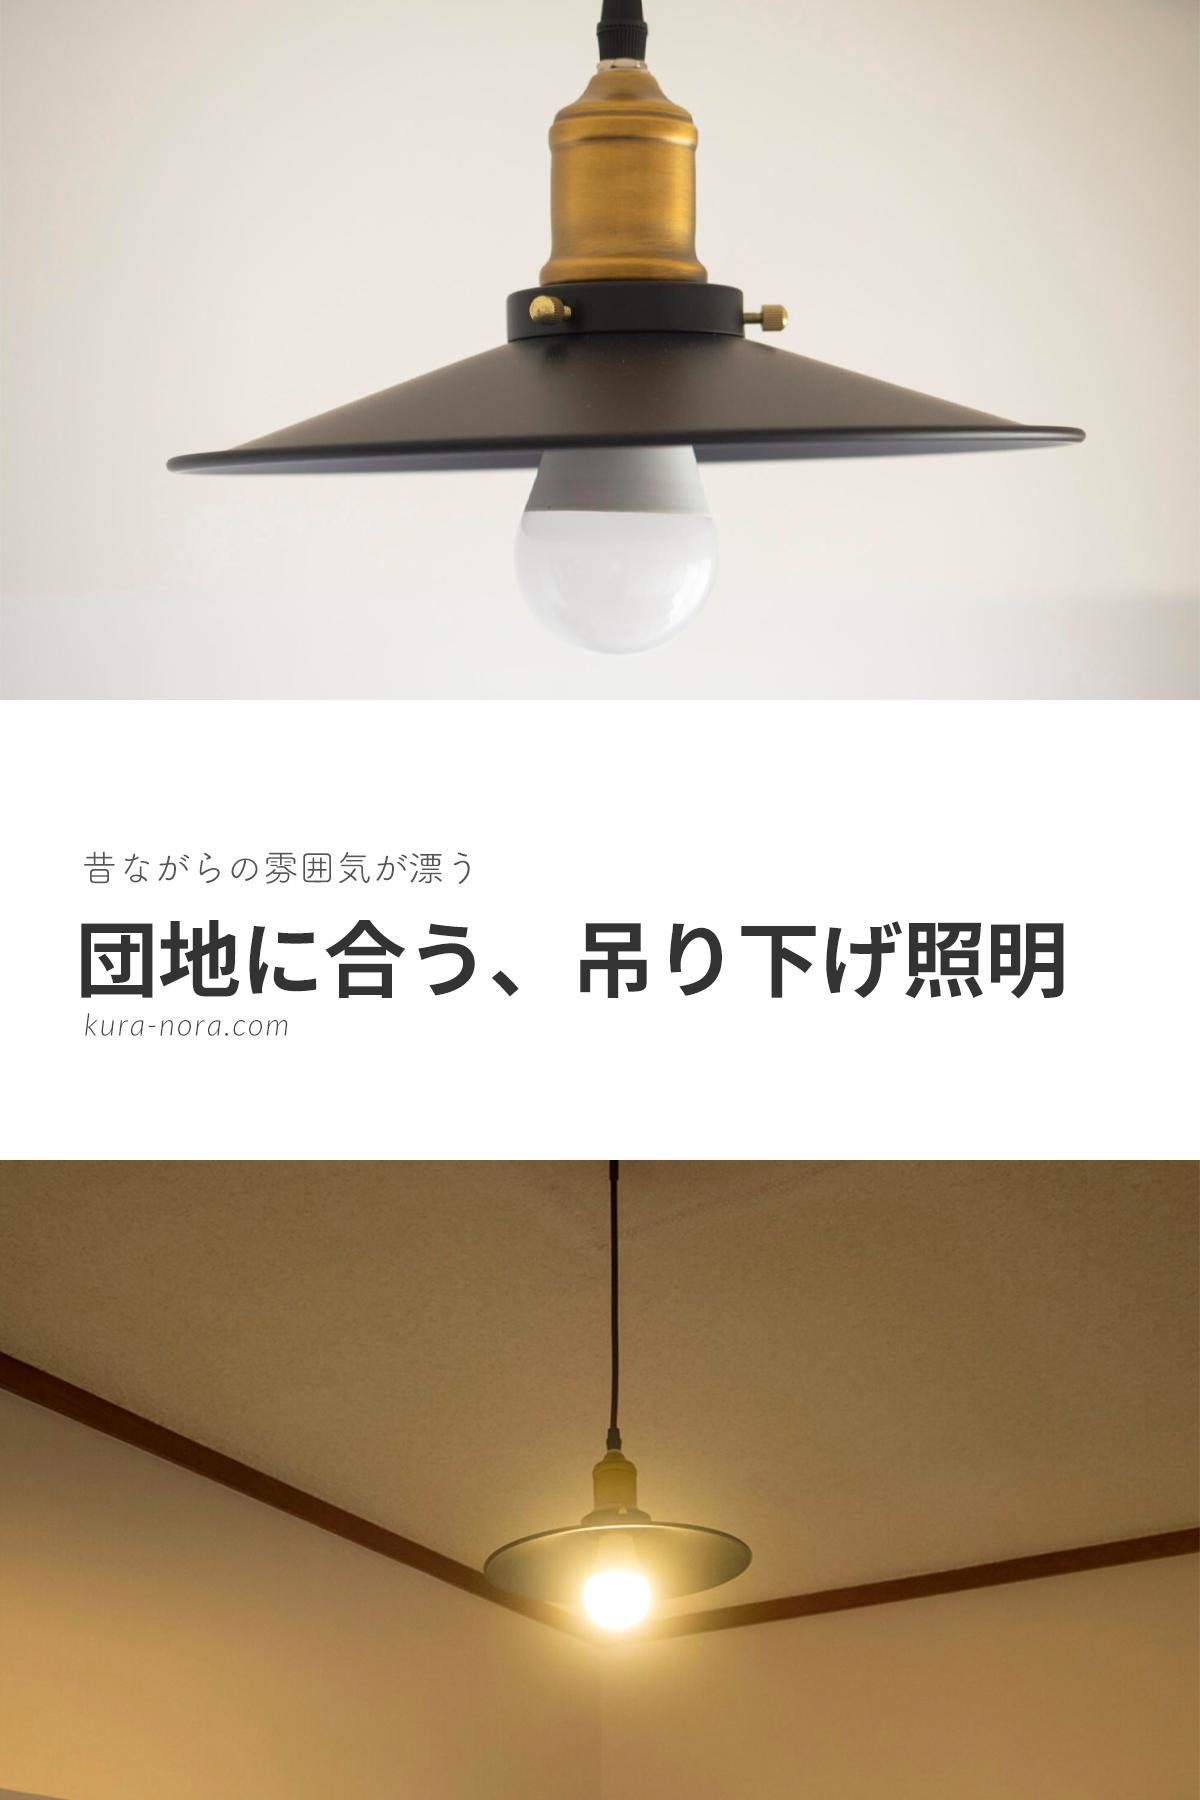 4 000円 団地インテリアにおすすめ オシャレな吊り下げ照明 リビング ペンダントライト 照明 天井照明